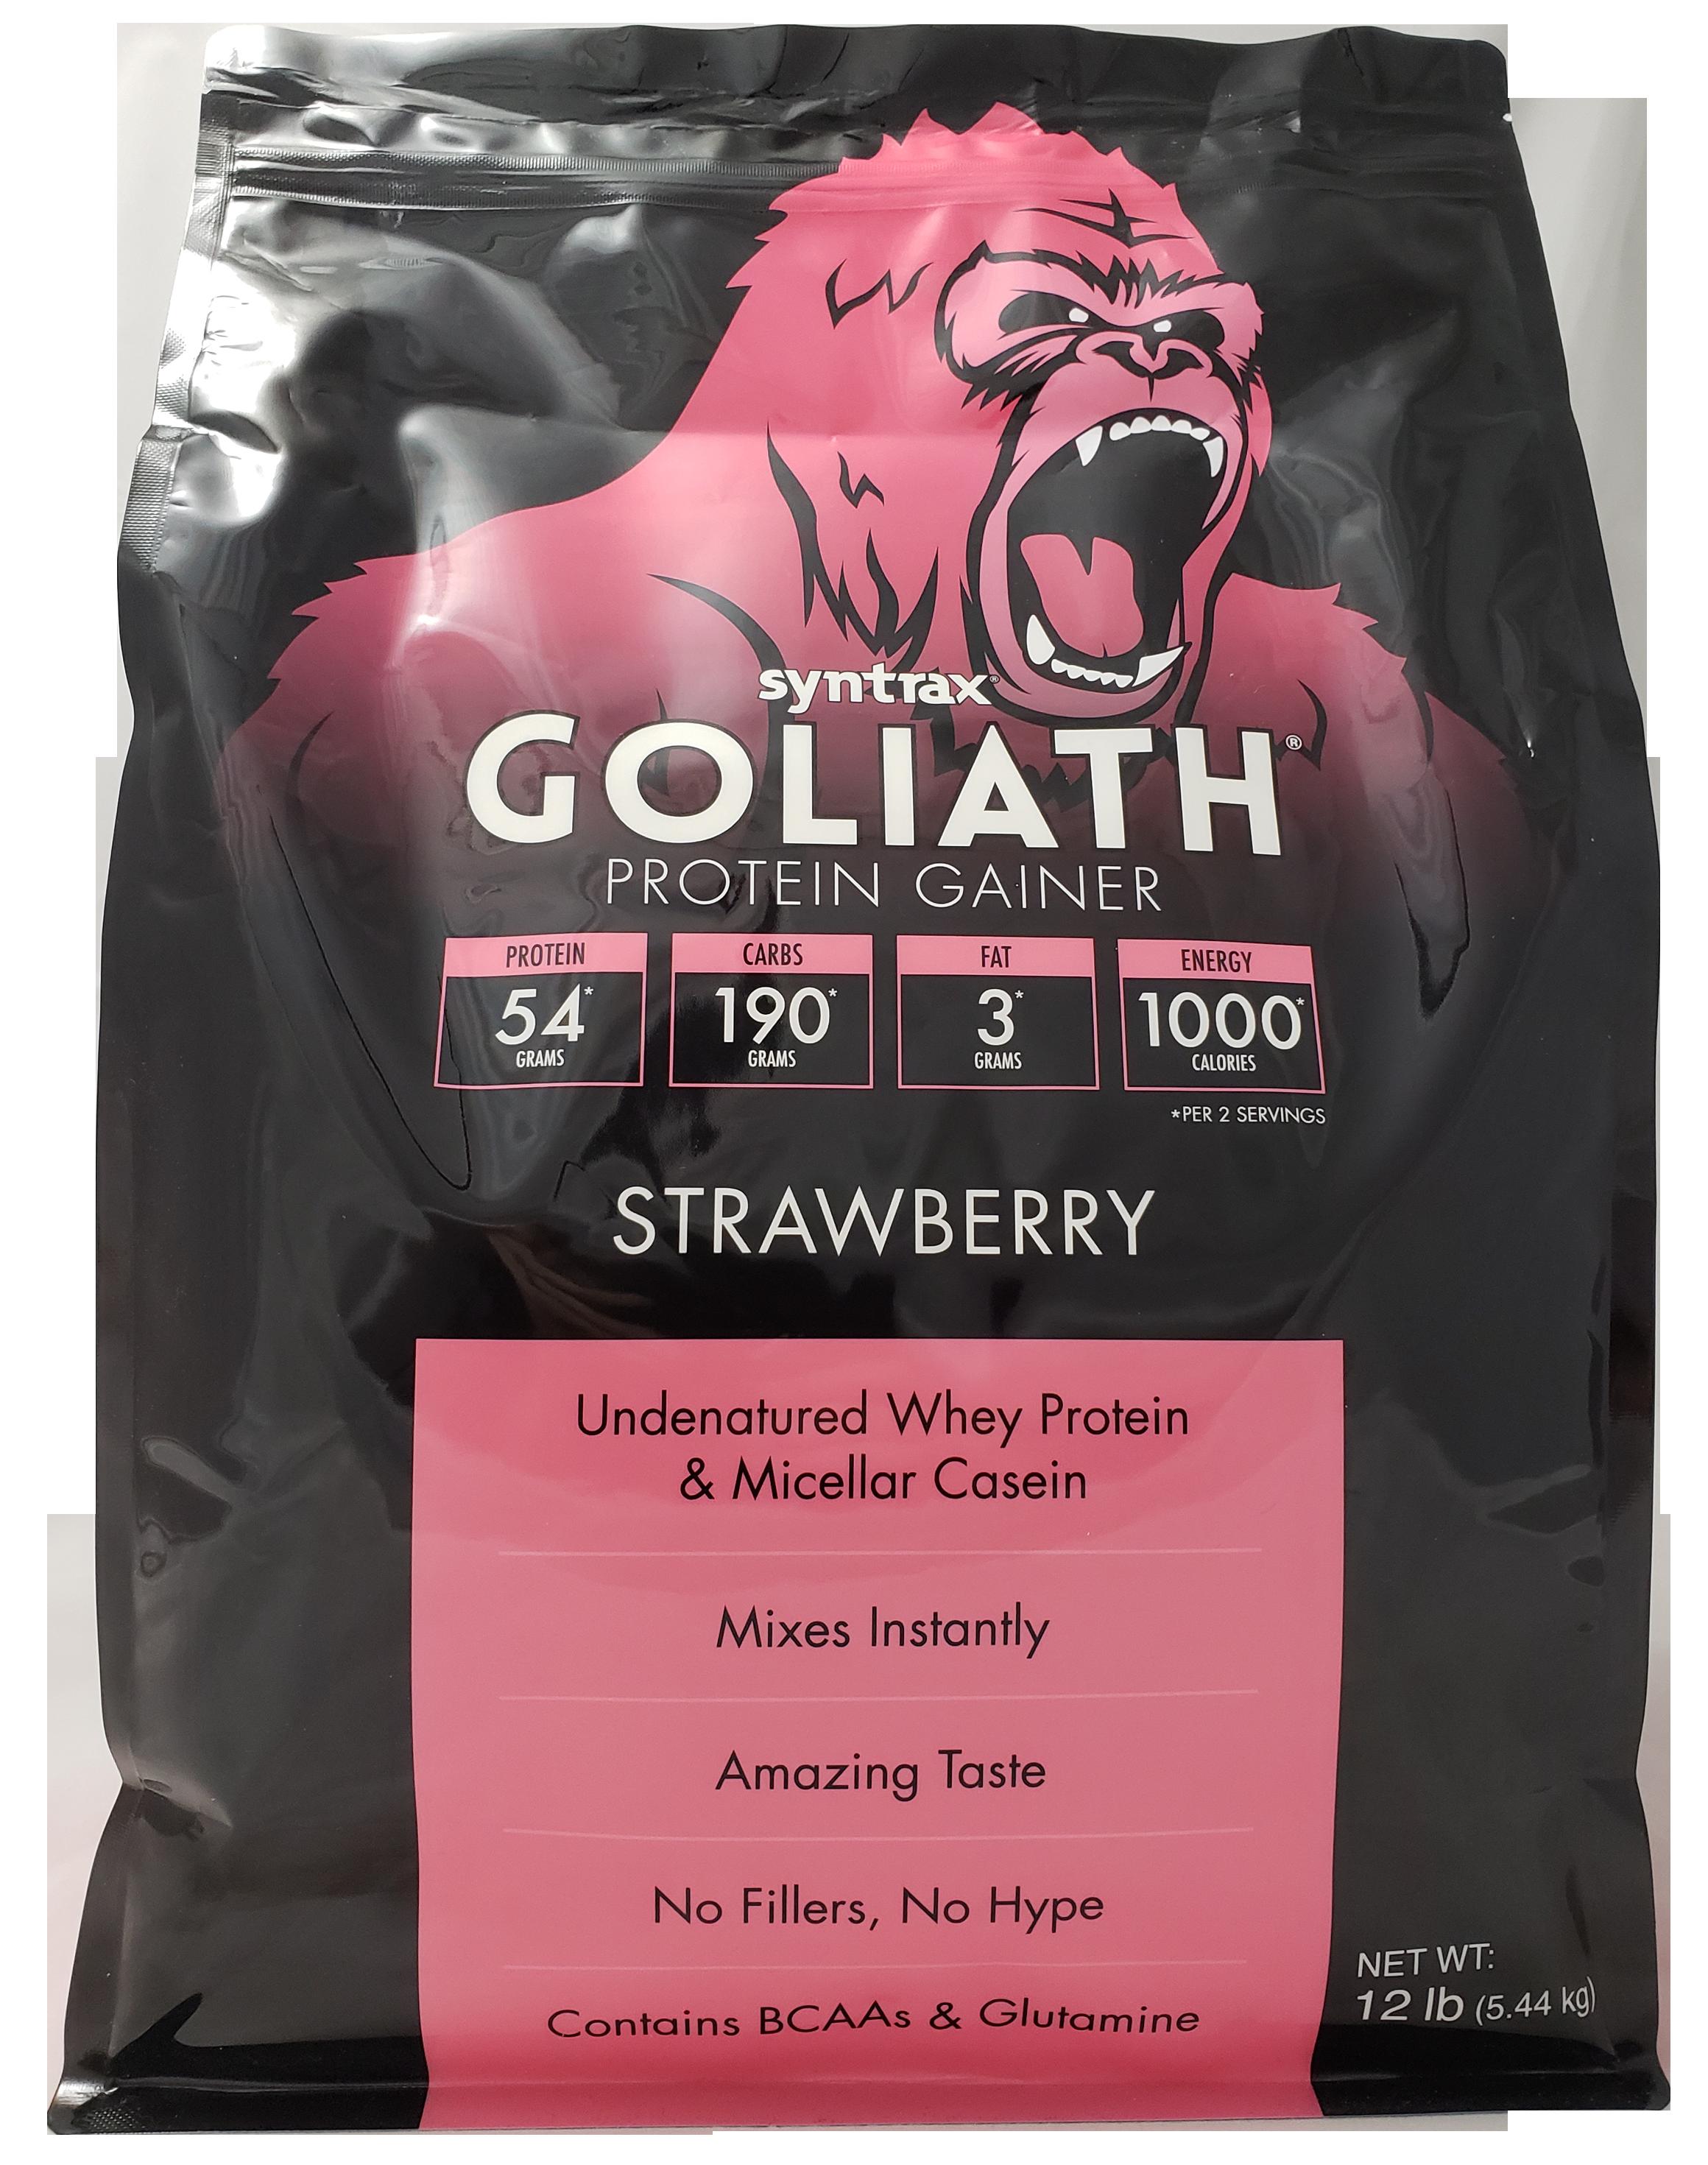 Syntrax Goliath - Strawberry 12 lb